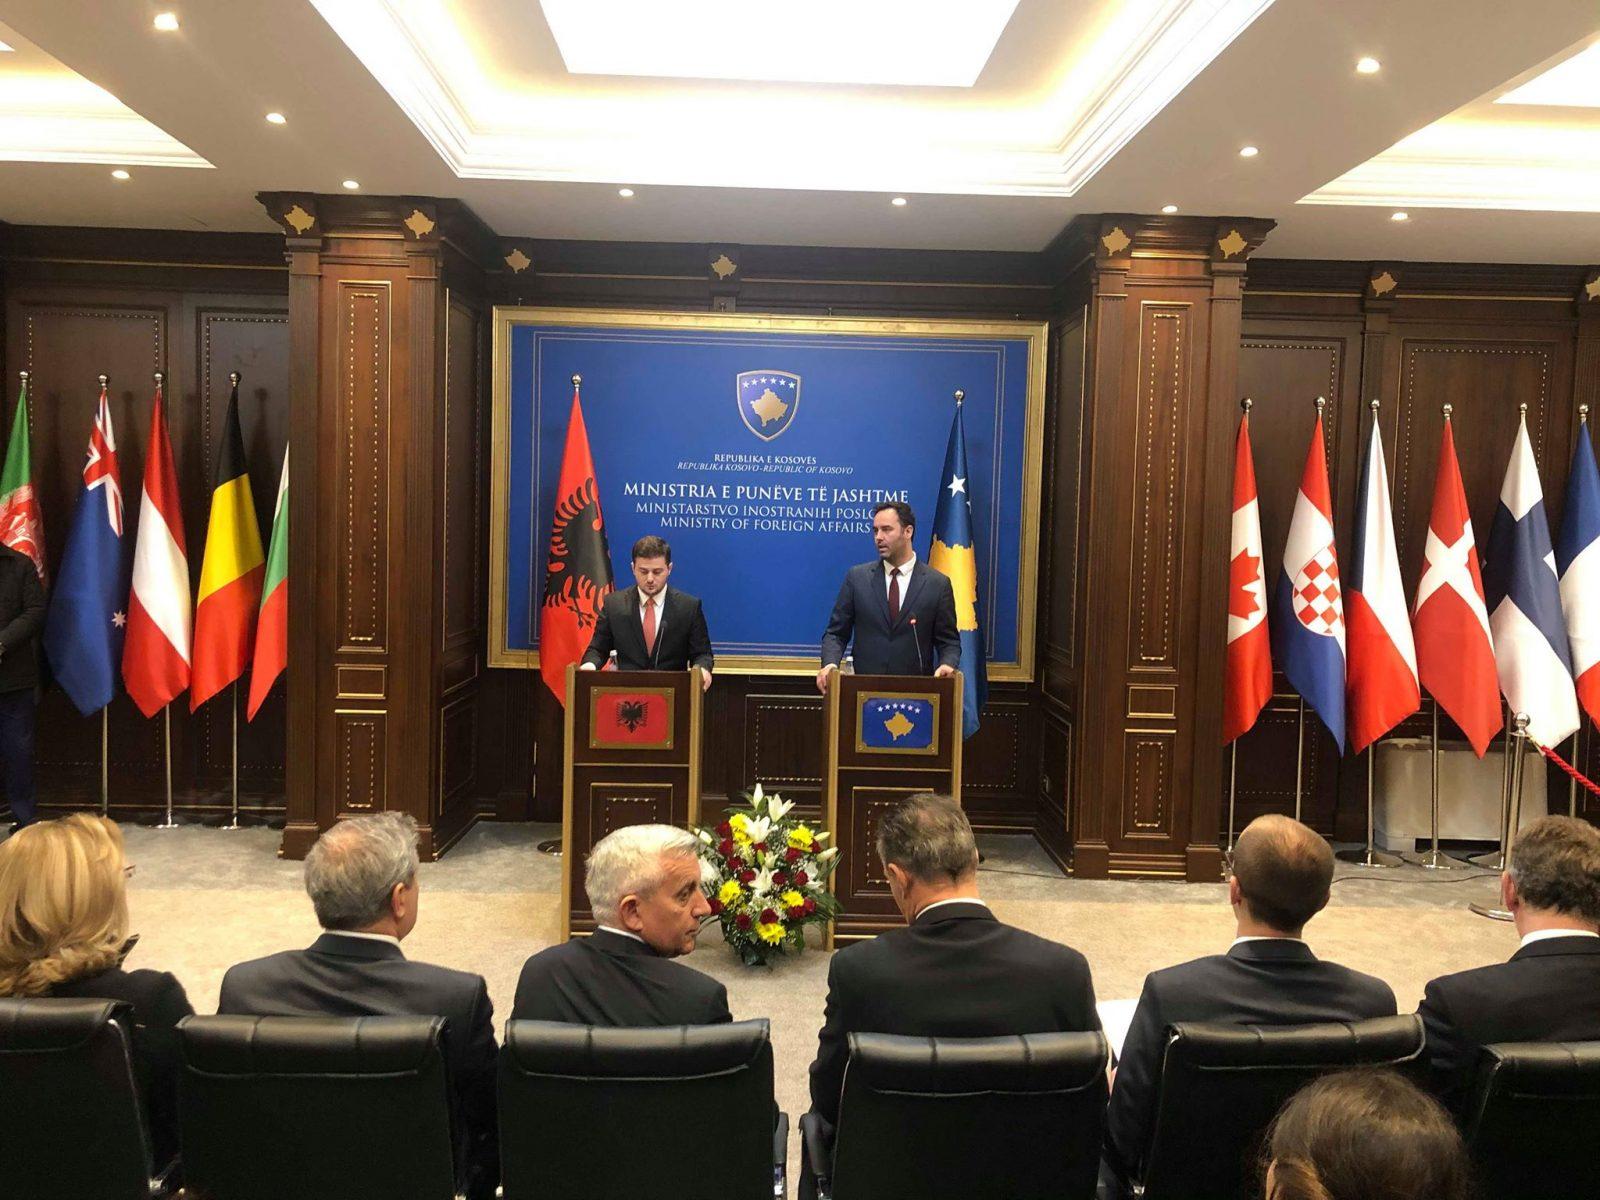 Arnavutluk Dışişleri Bakan Vekili Cakaj Kosova'da